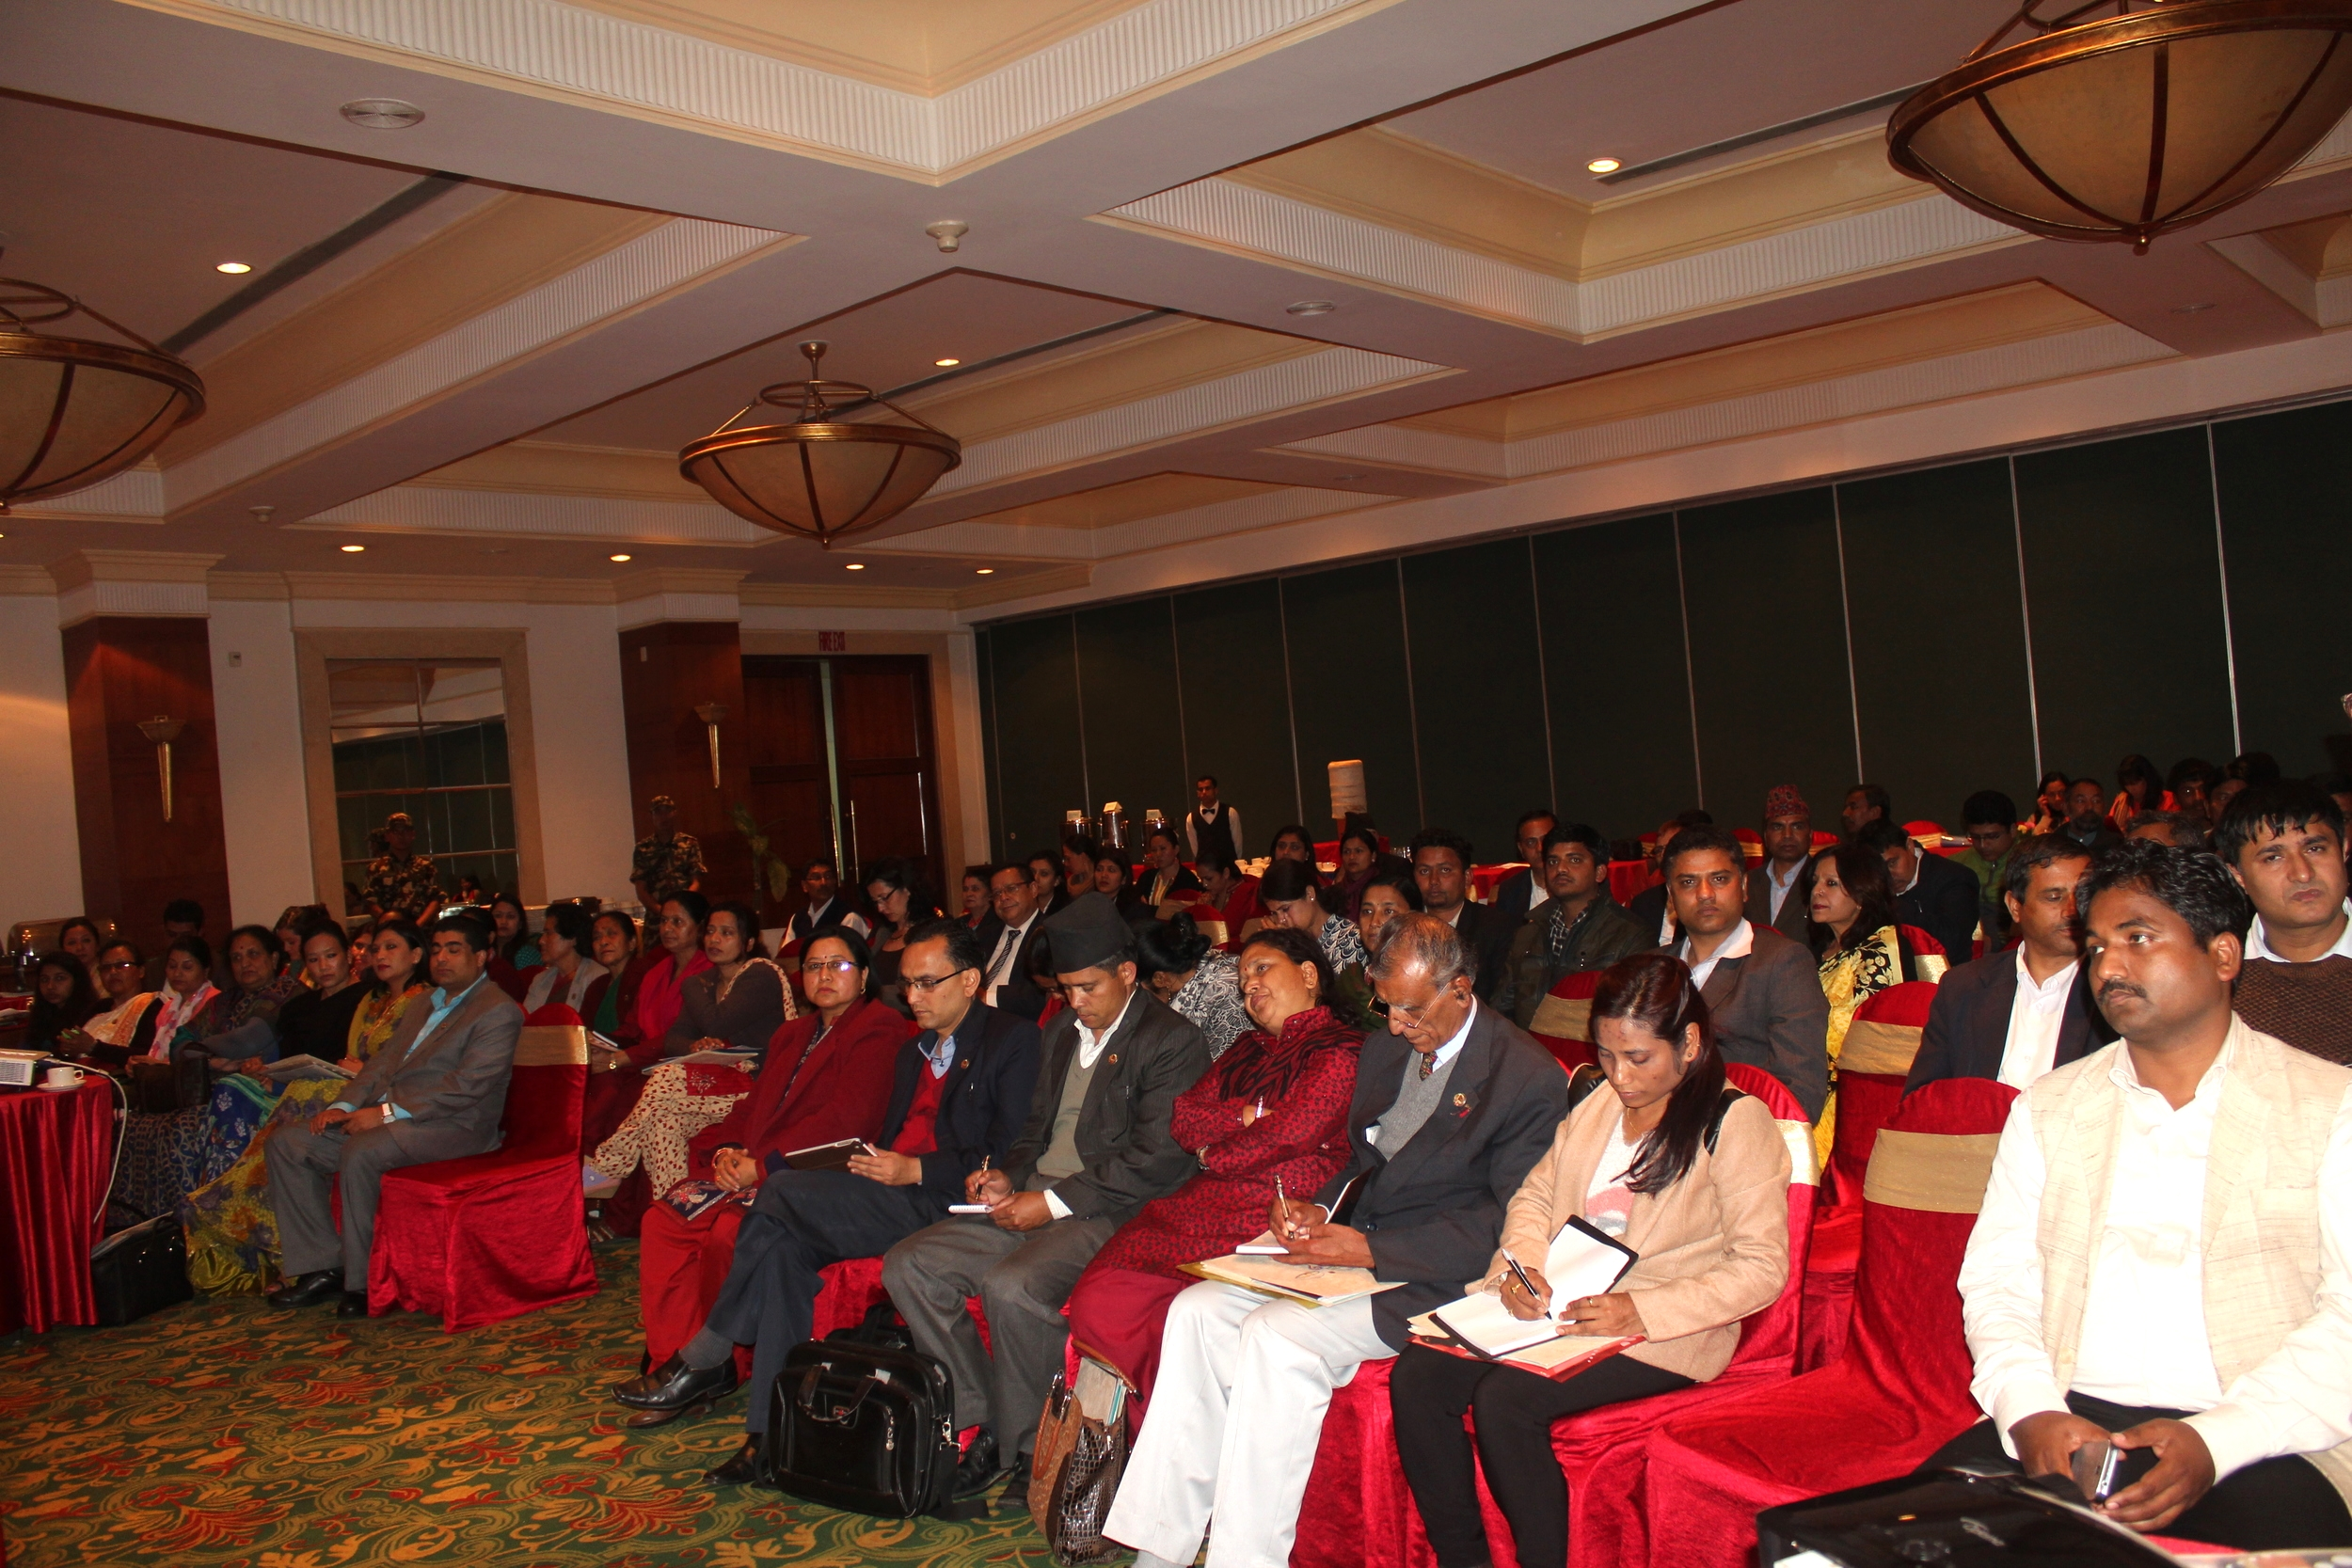 Audience-participants 1.JPG